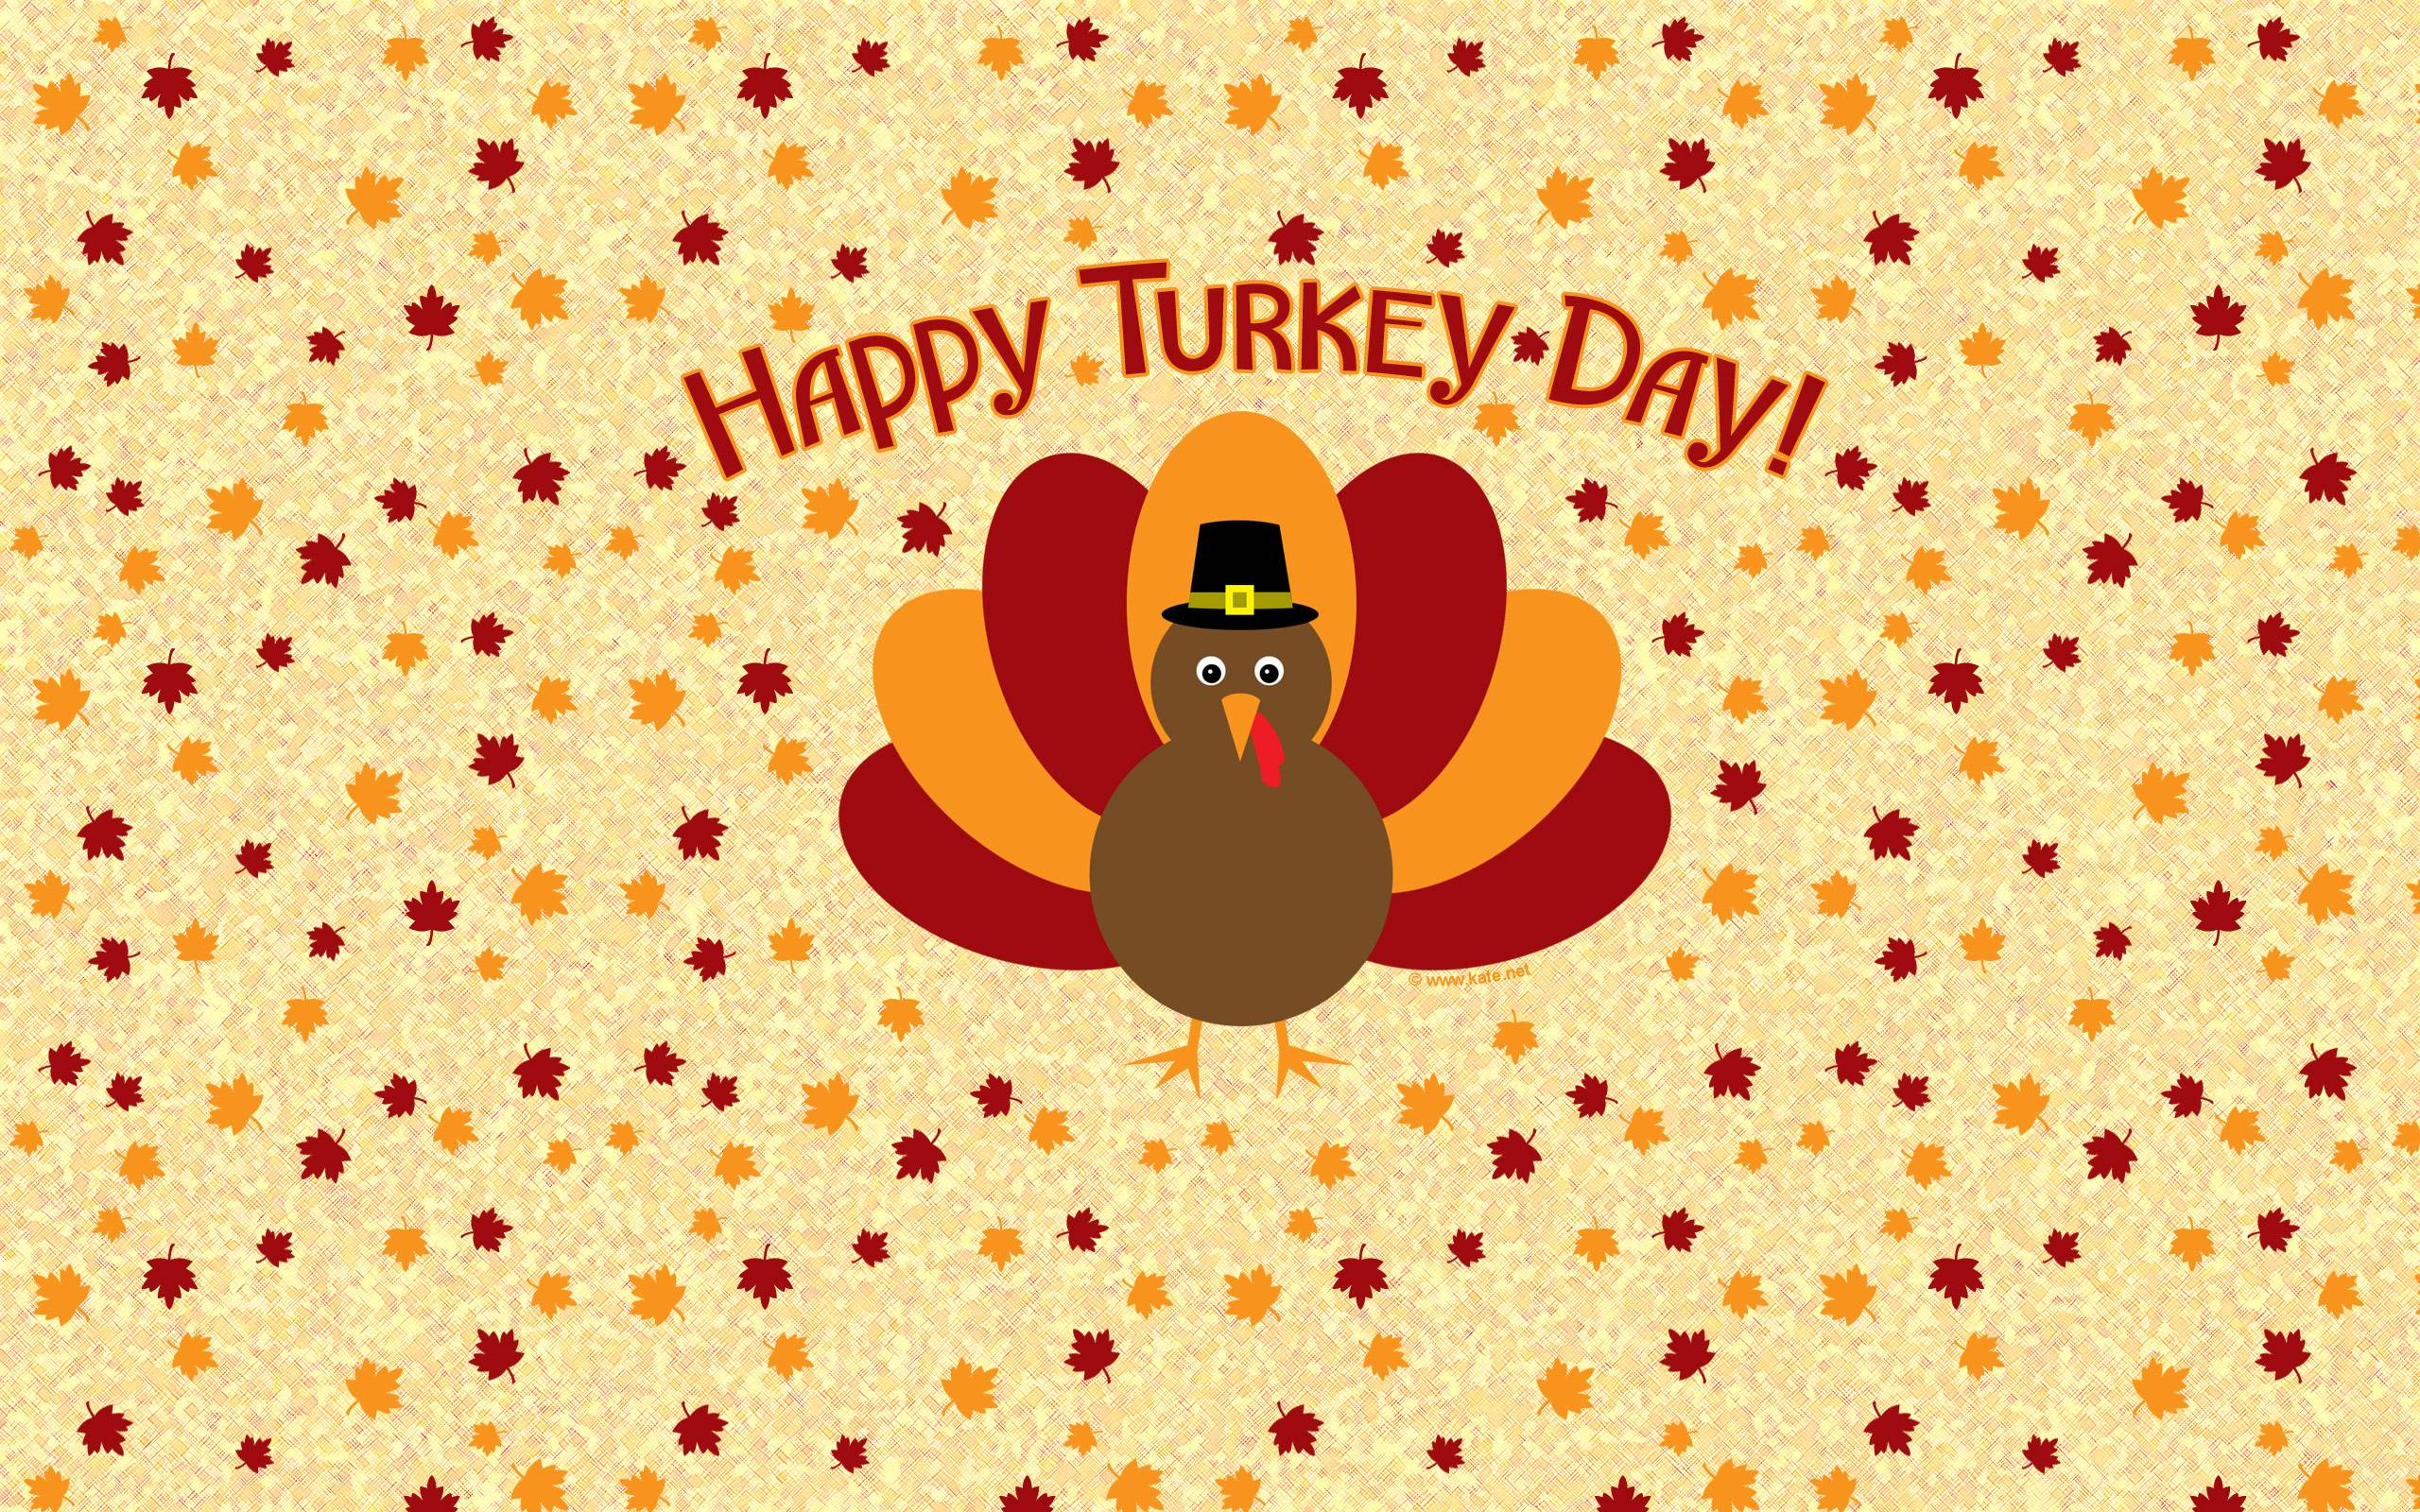 Cute Turkey Wallpapers   Top Cute Turkey Backgrounds 2560x1600